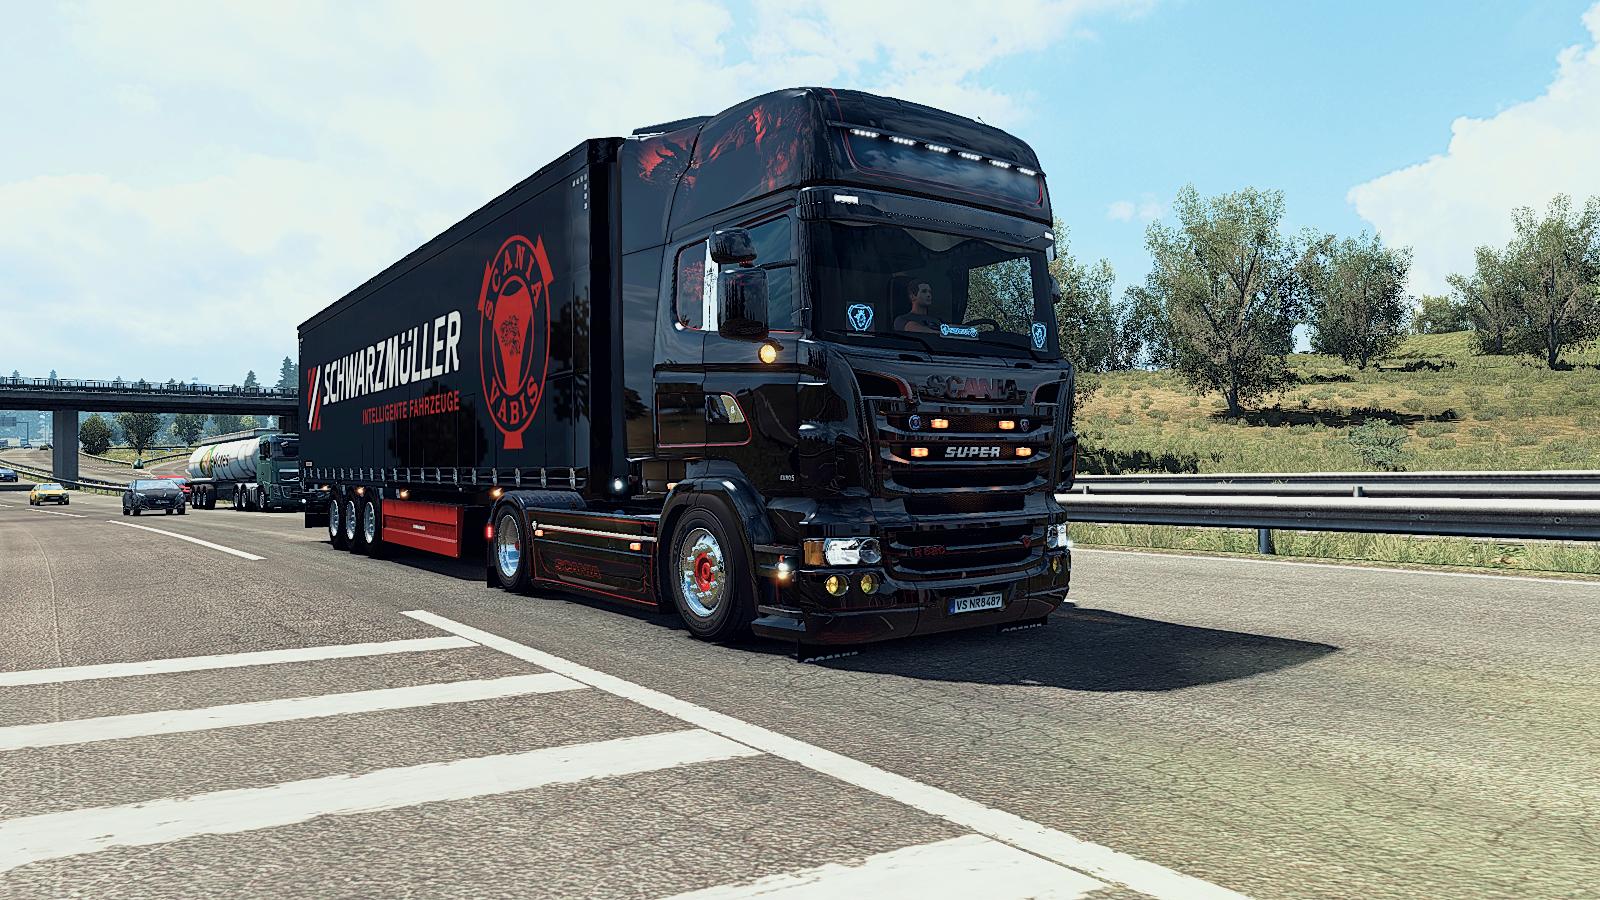 eurotrucks2 2018-06-05 17-16-19.png - Euro Truck Simulator 2